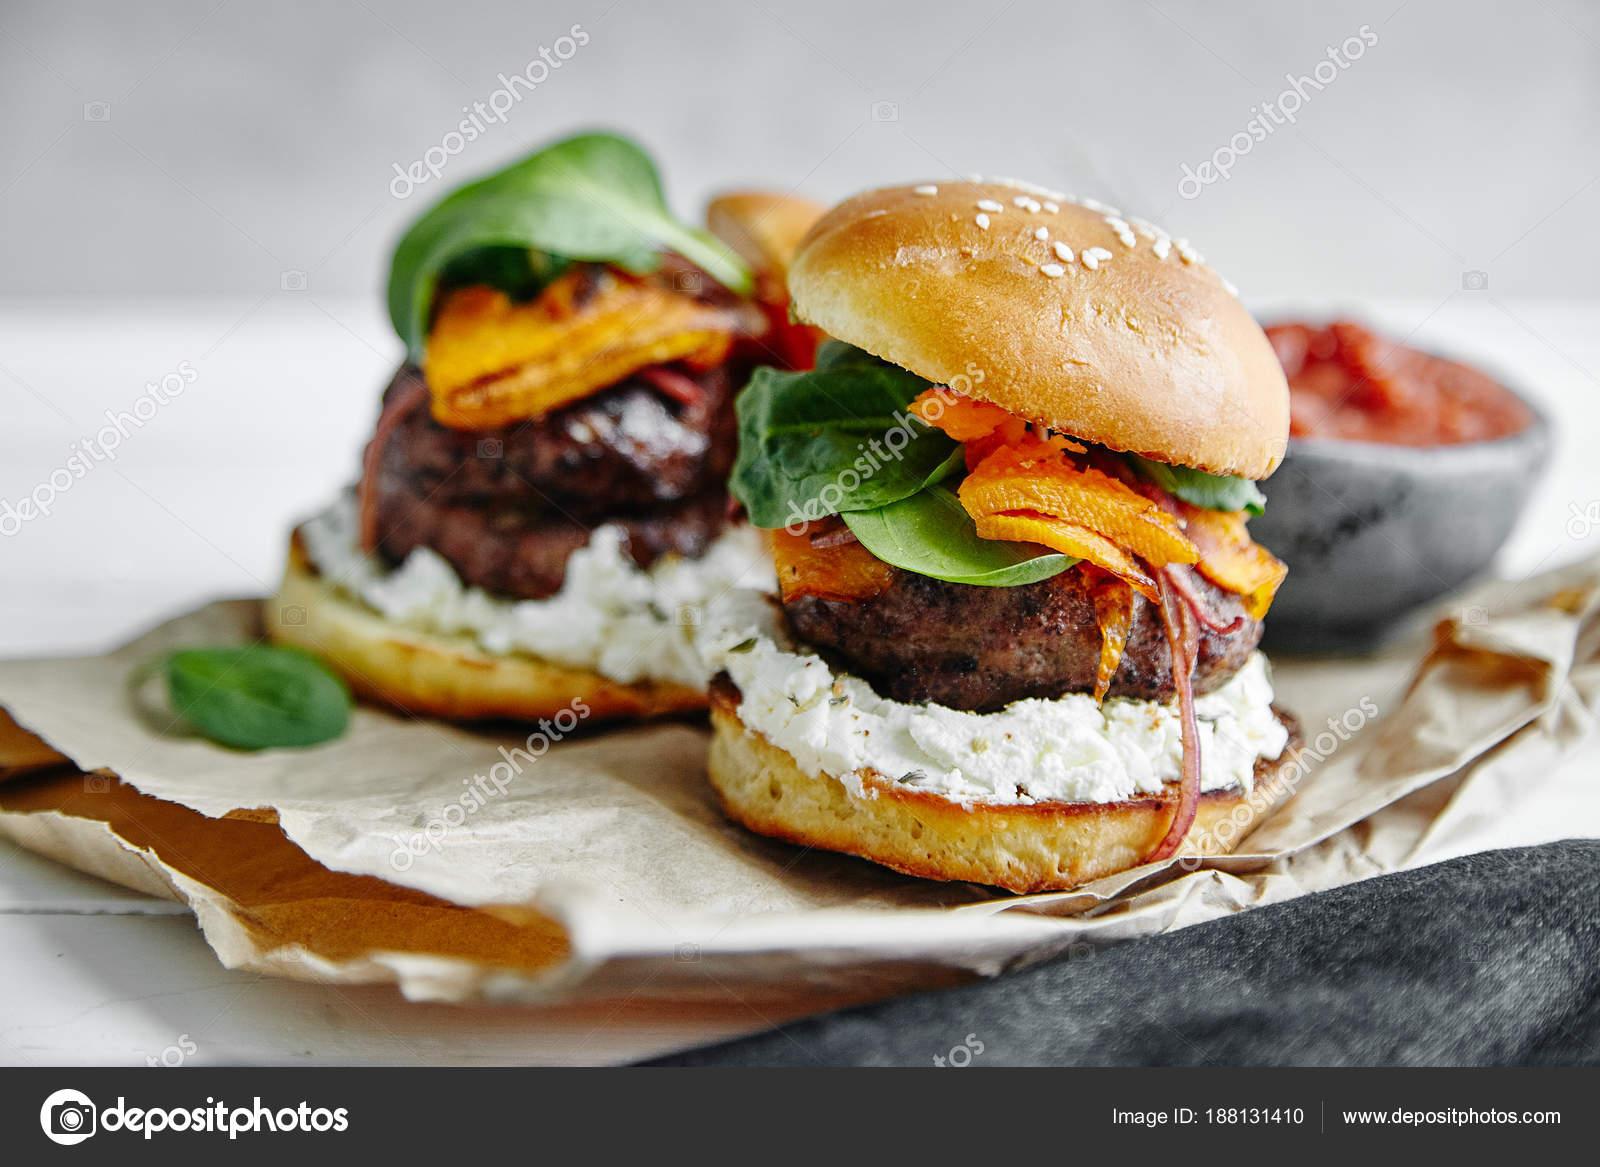 Burger Auf Küche Pergament Papier Blätter Close — Stockfoto ...